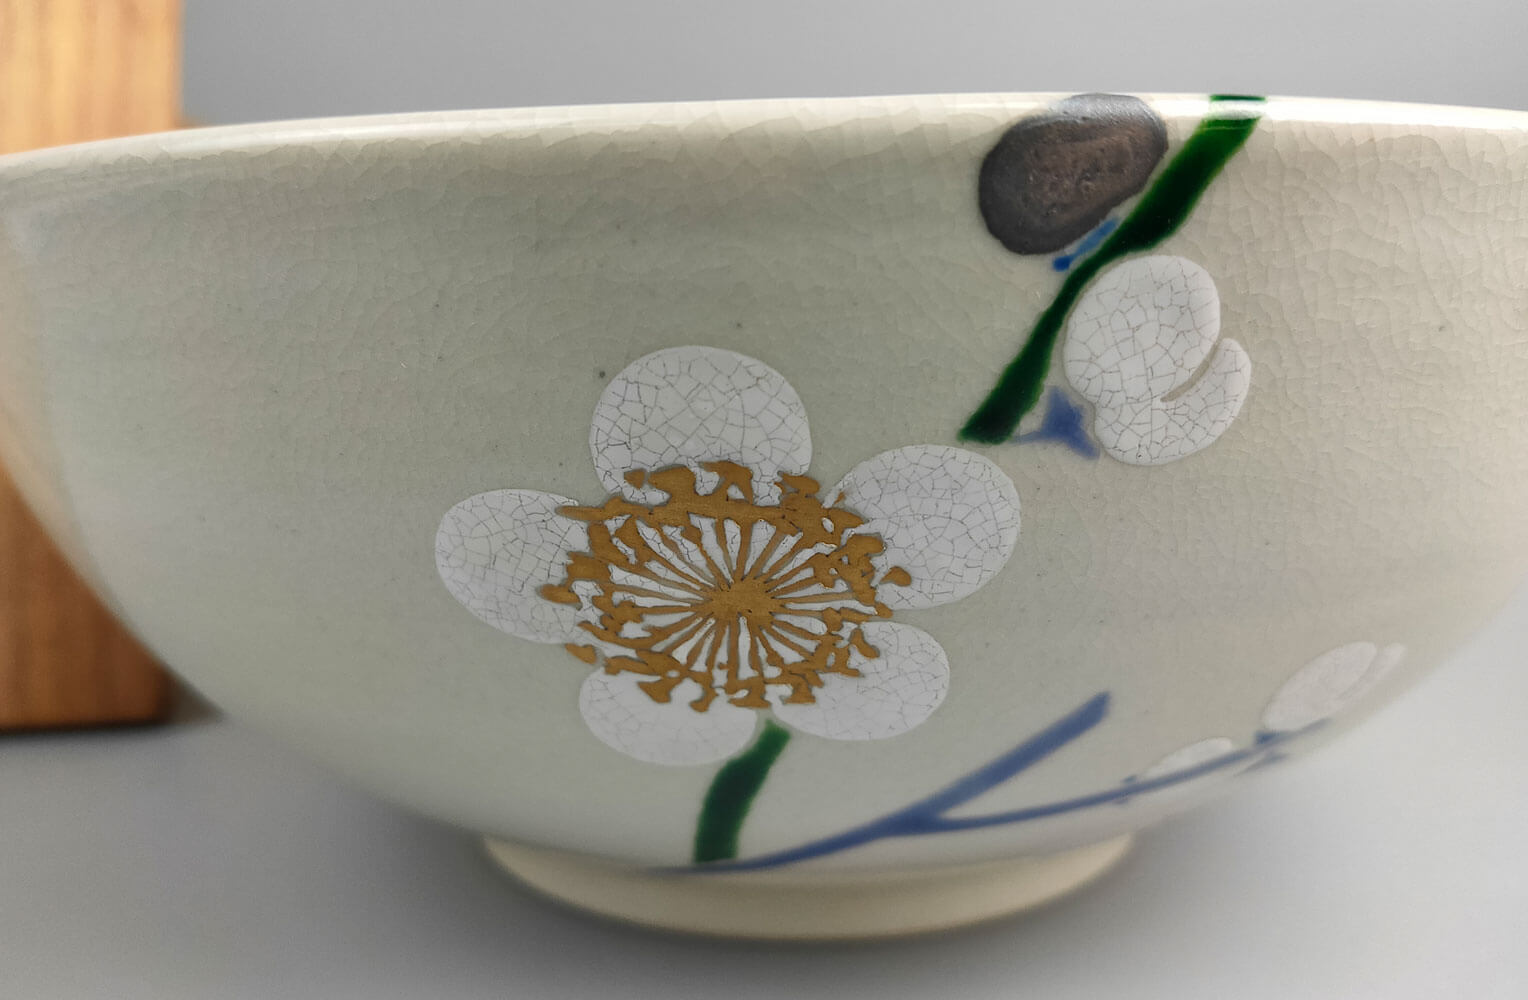 楠部彌弌(くすべやいち) 白梅菓子器 商品アップ